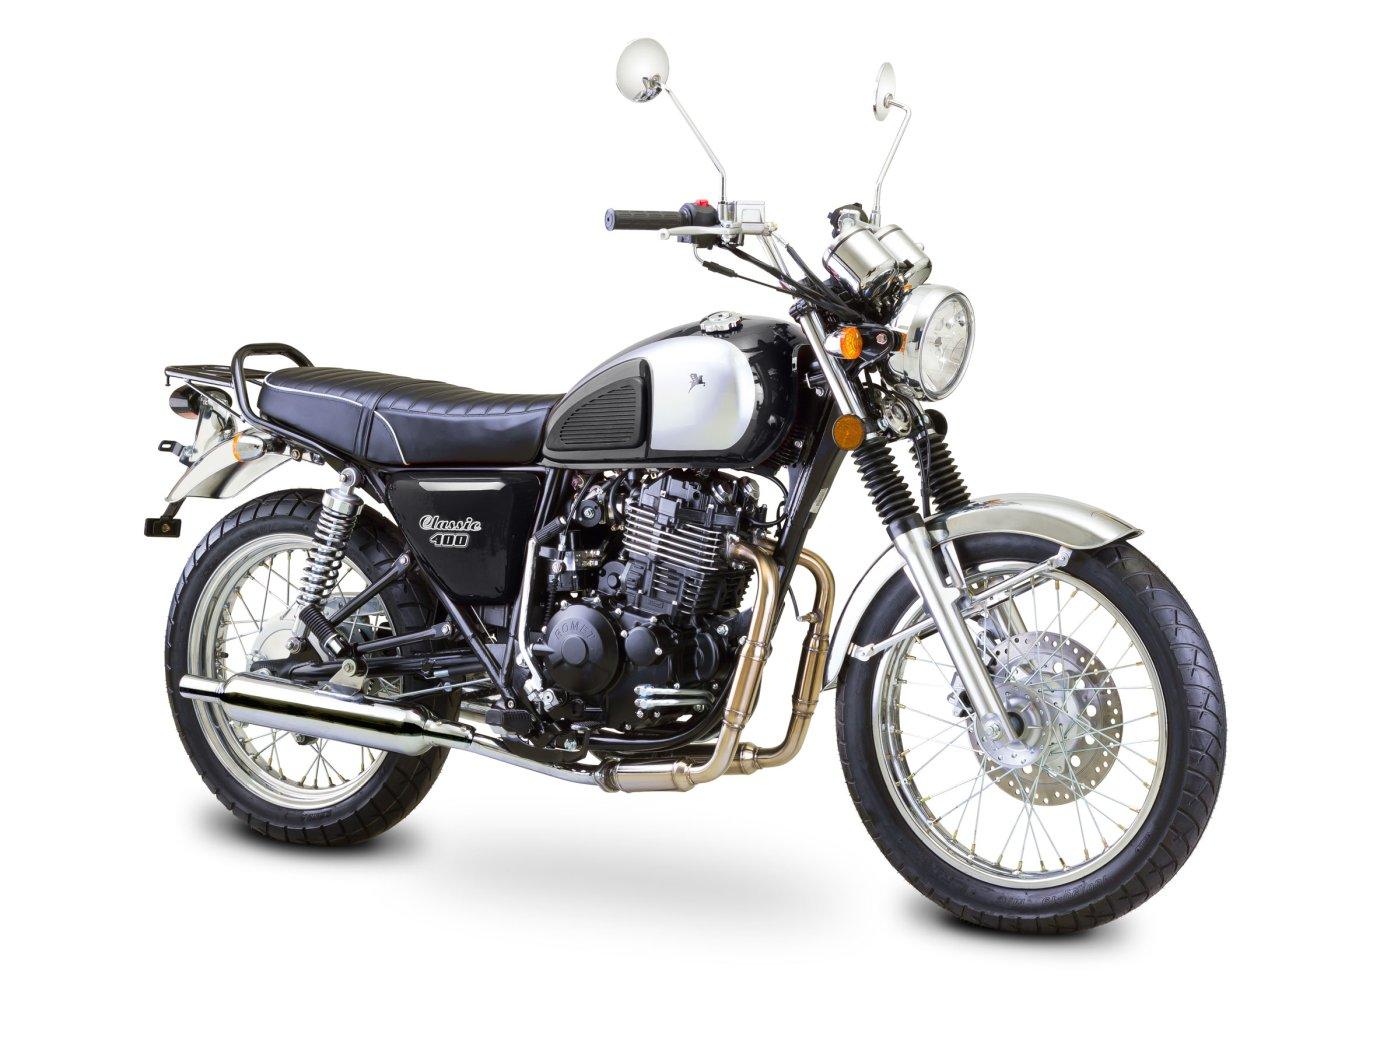 Romet Classic 400 (4)